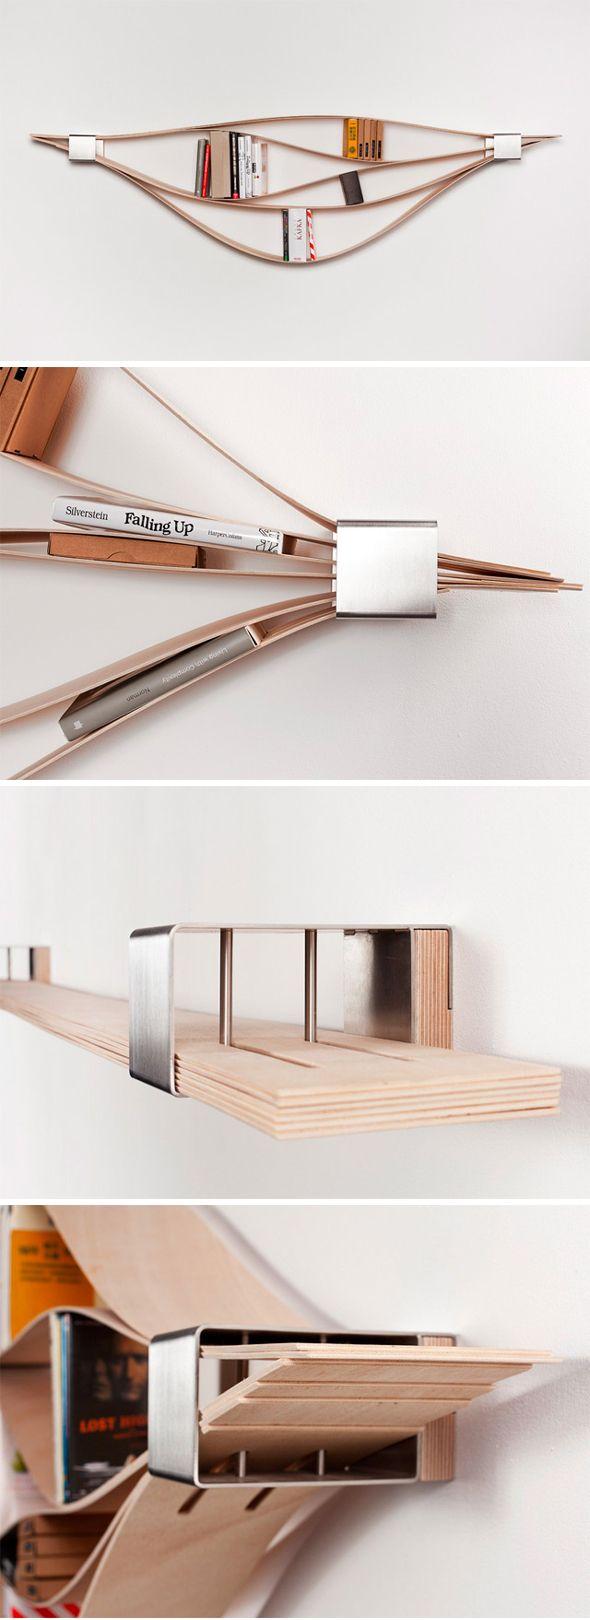 Chuck est un concept d'étagère murale stupéfiant, réalisé par la designer allemandeNatascha Harra-Frischkorn. L'ensemble est composé de six planches de bois de 4mm d'épaisseur, pouvant être ajustées pour abriter des petites collections de livres ou d'objets.